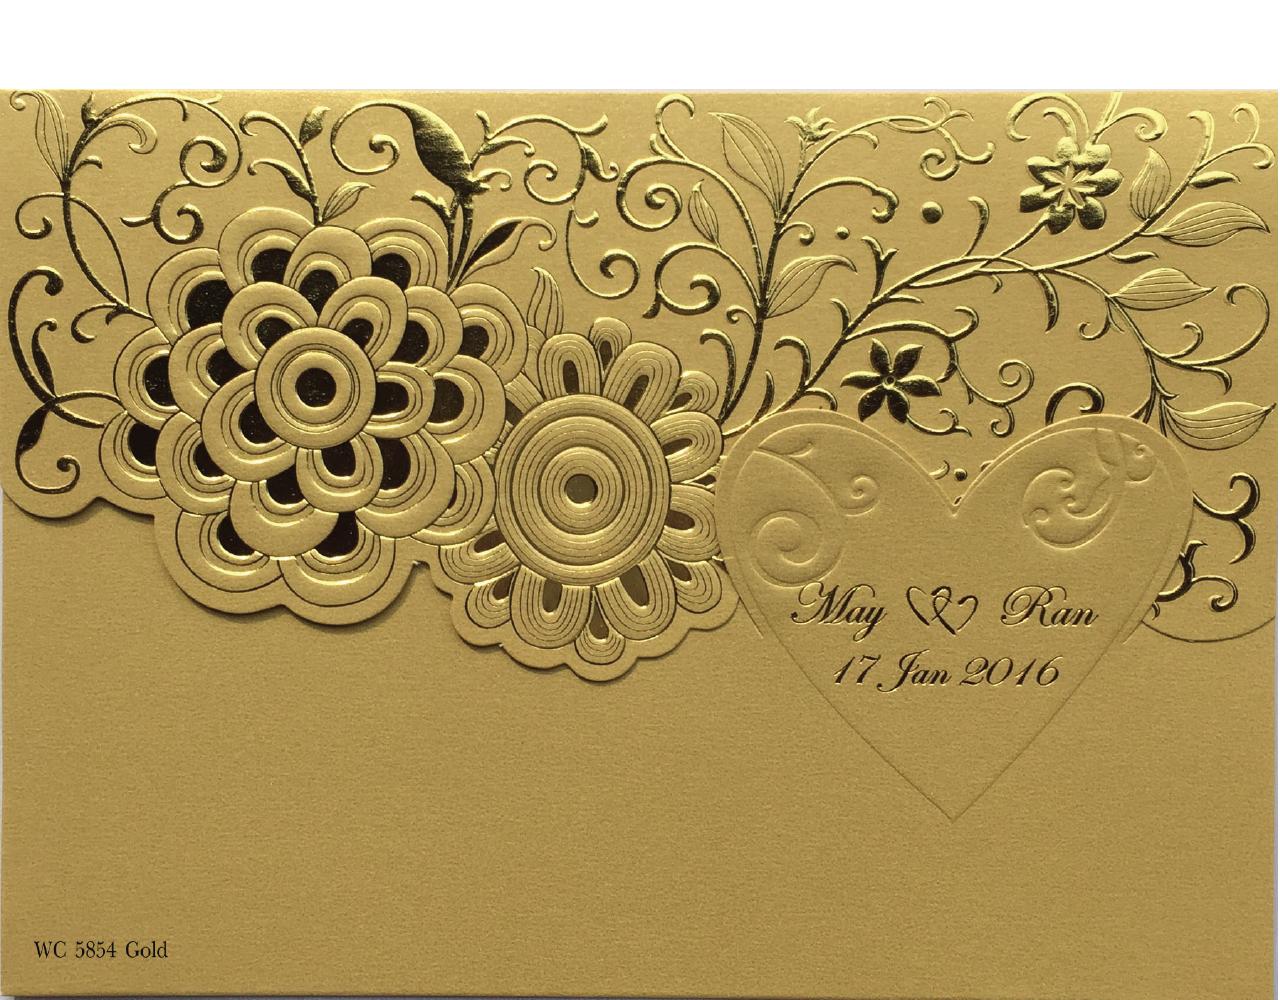 wedding card 7.4 x 5.2 inch wc 5854 Gold